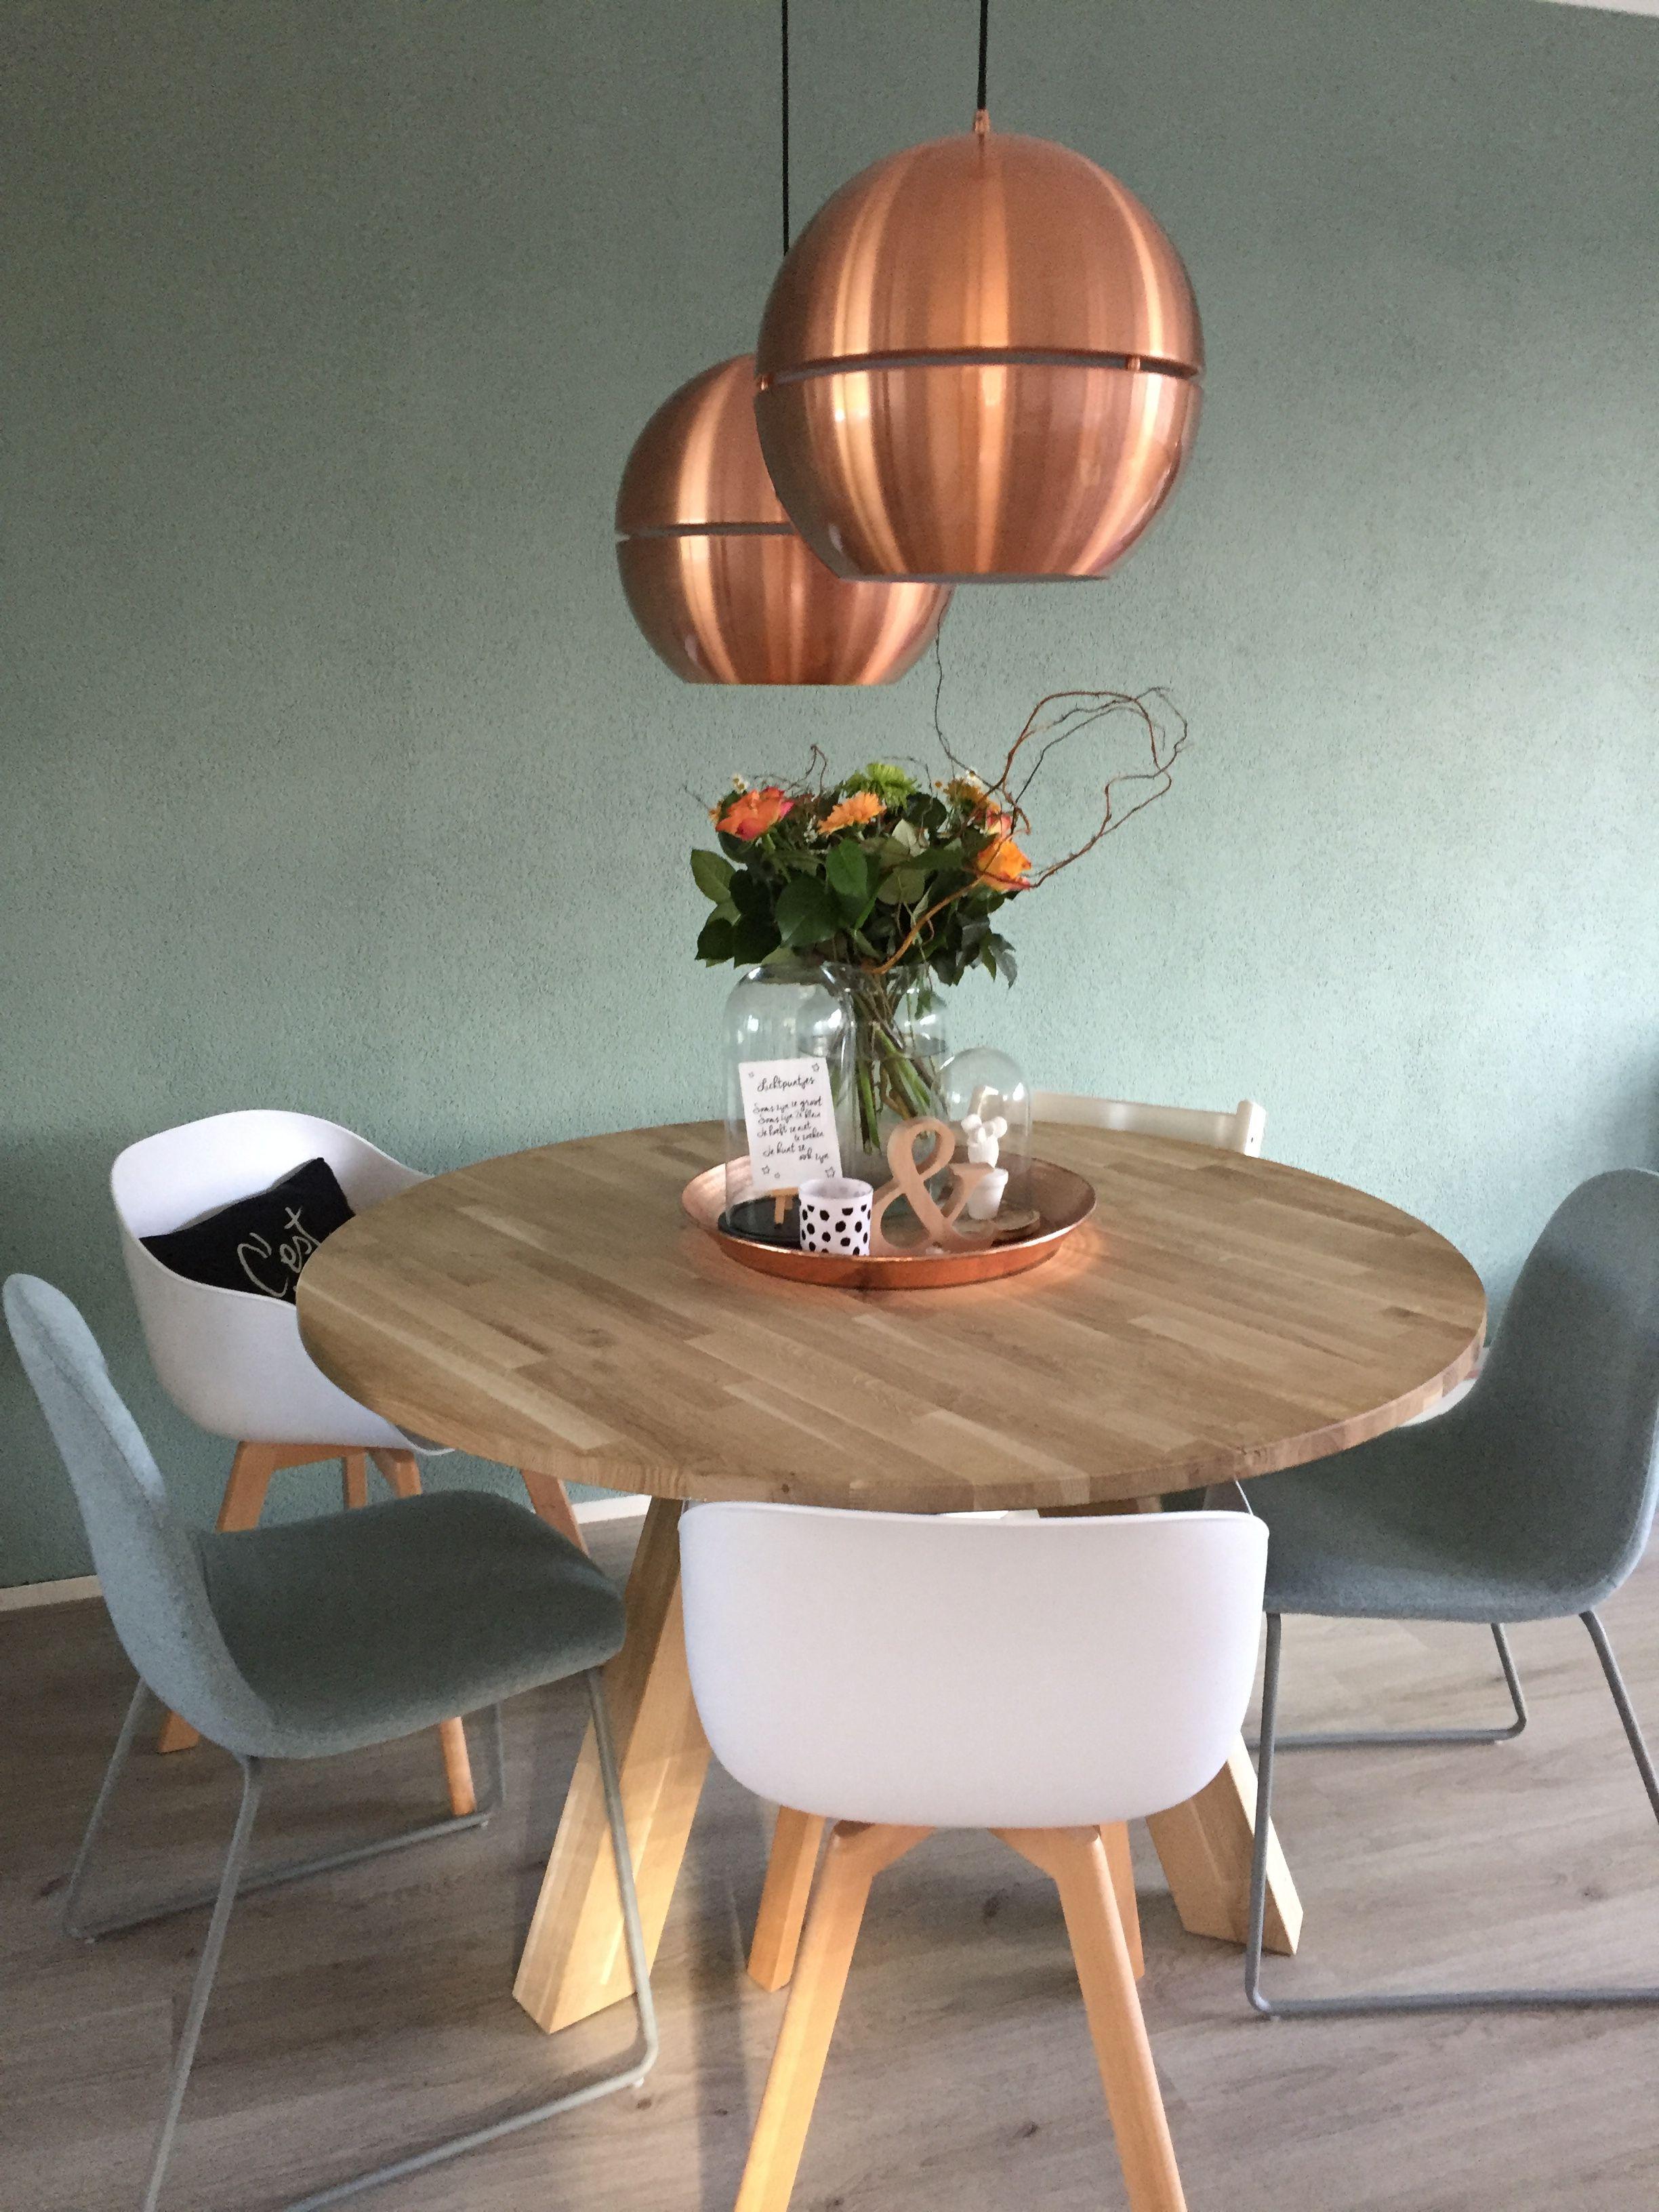 Zuiver Ronde Eettafel.Ronde Tafel Van Wood Met Koperen Koperen Lampen Van Zuiver Stoelen